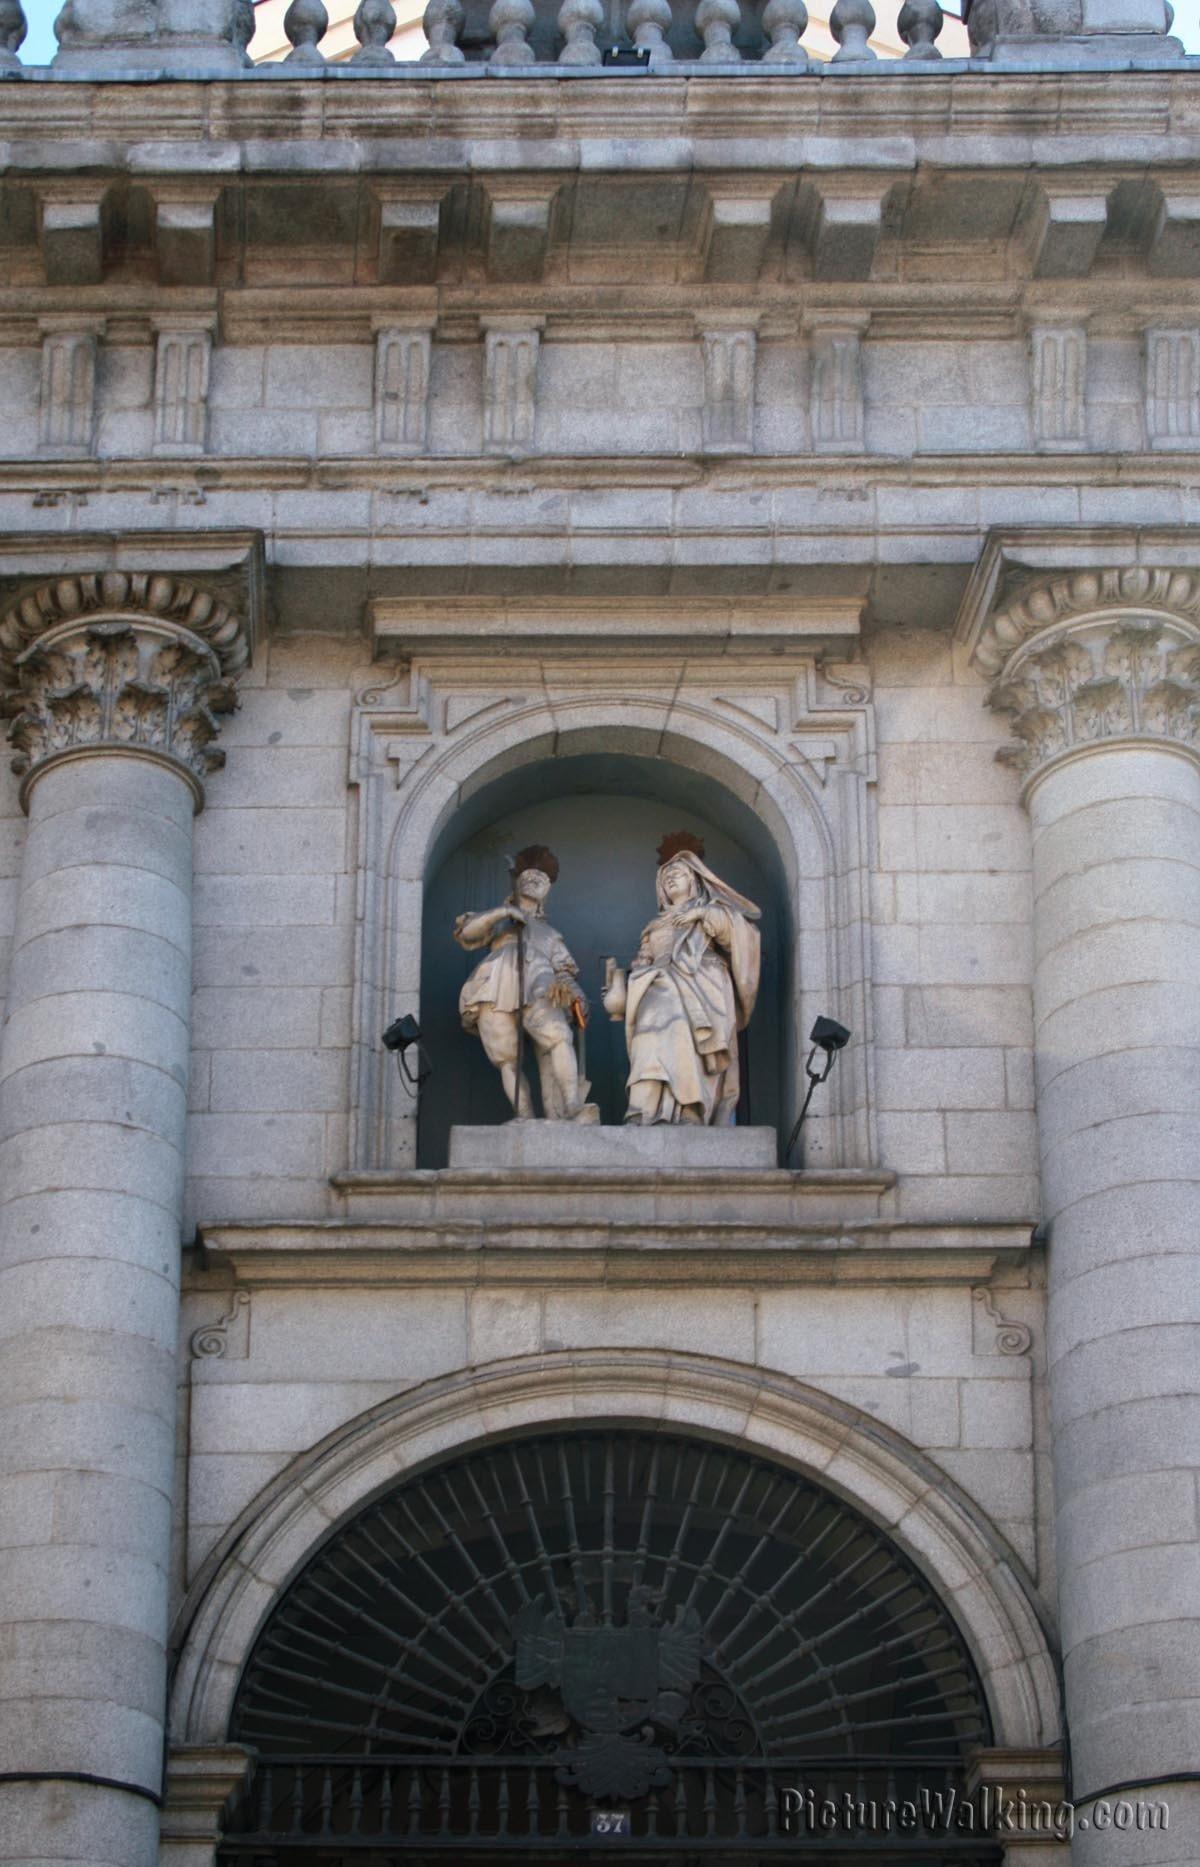 Fachada con las estatuas de San Isidro y Santa María de la Cabeza